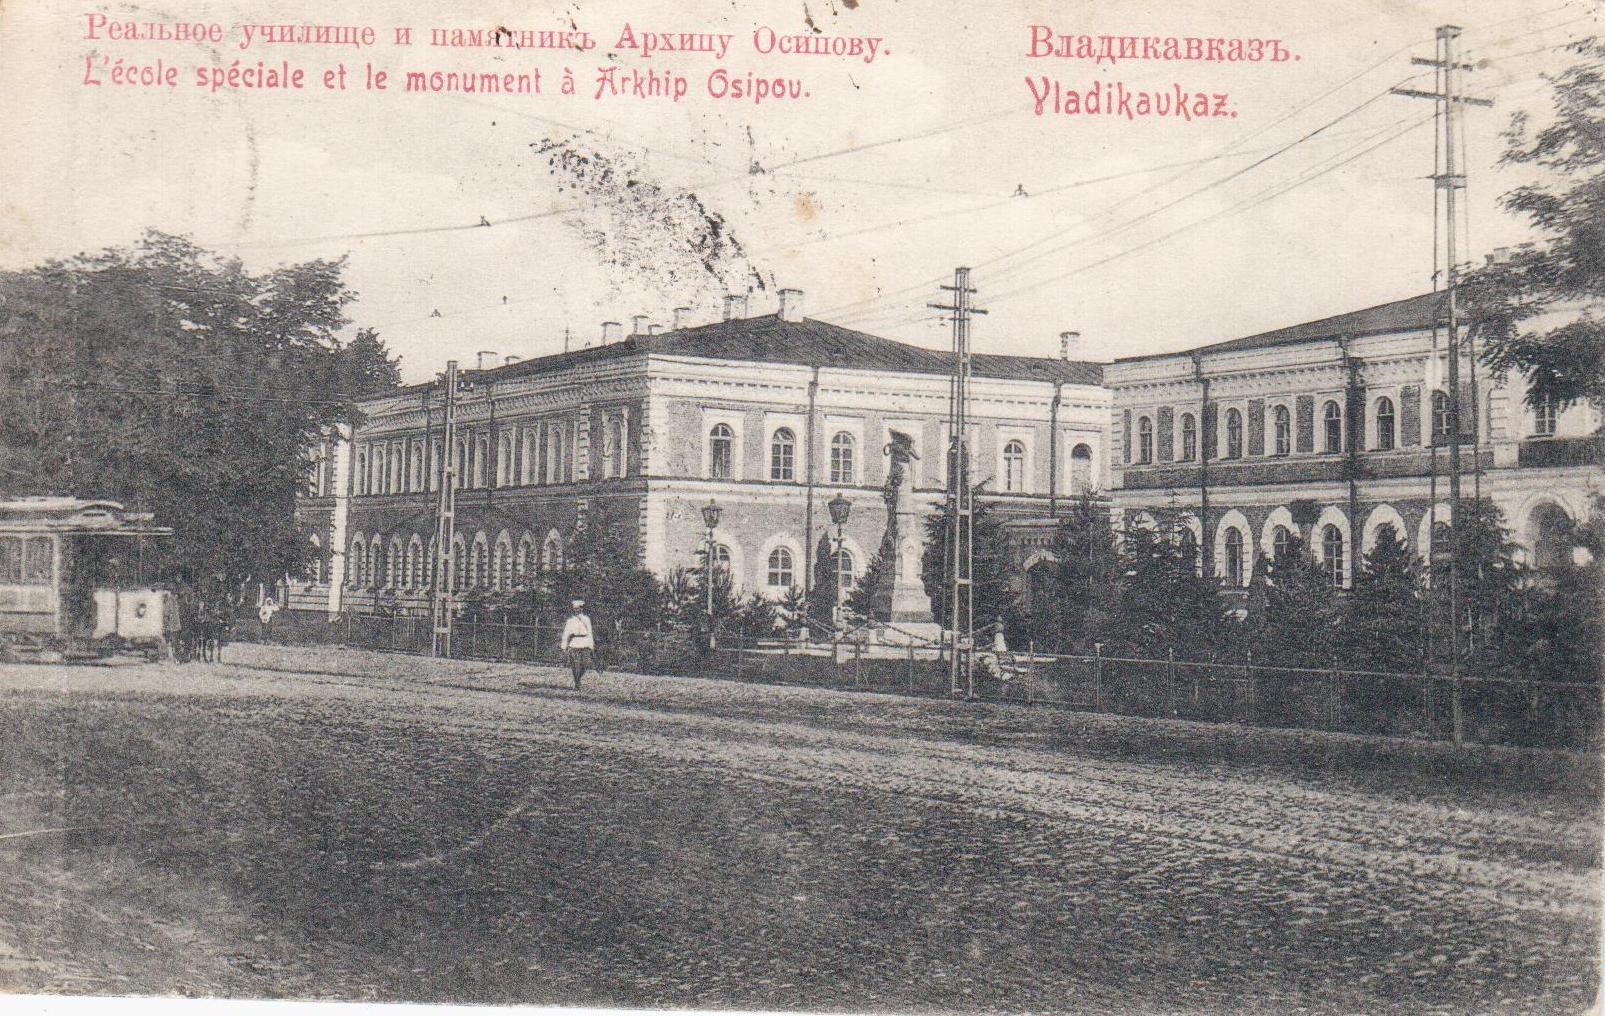 Реальное училище и памятник Архипу Осипову